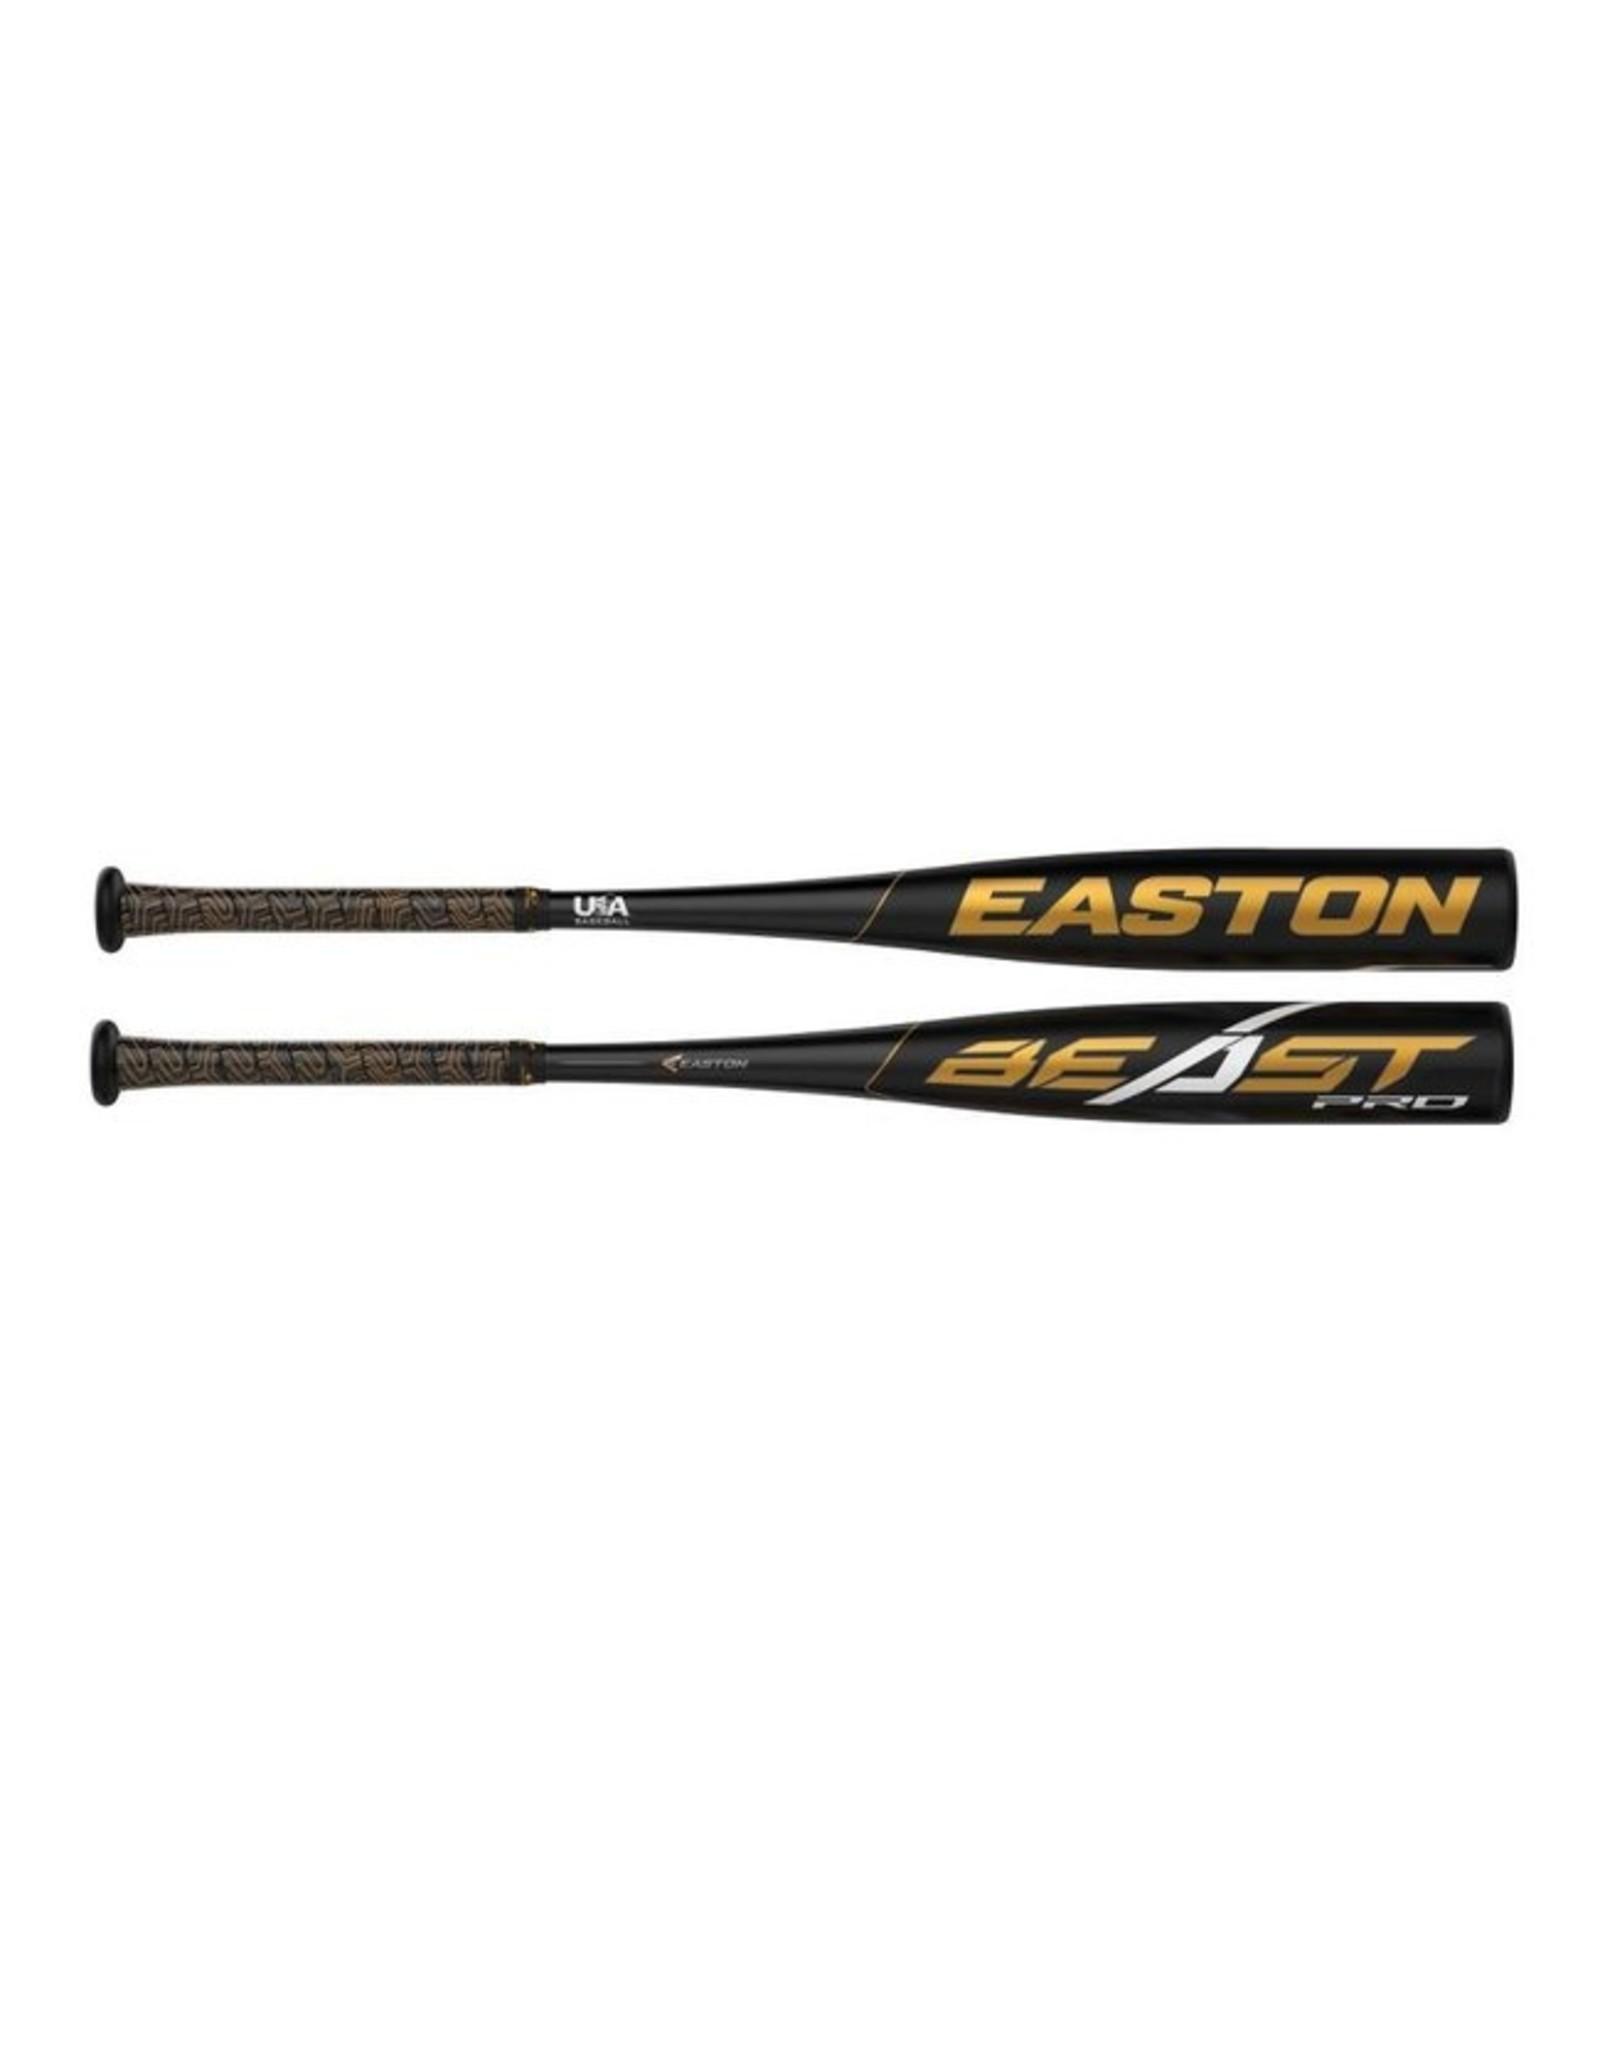 EASTON BATON BASEBALL EASTON BEAST JR